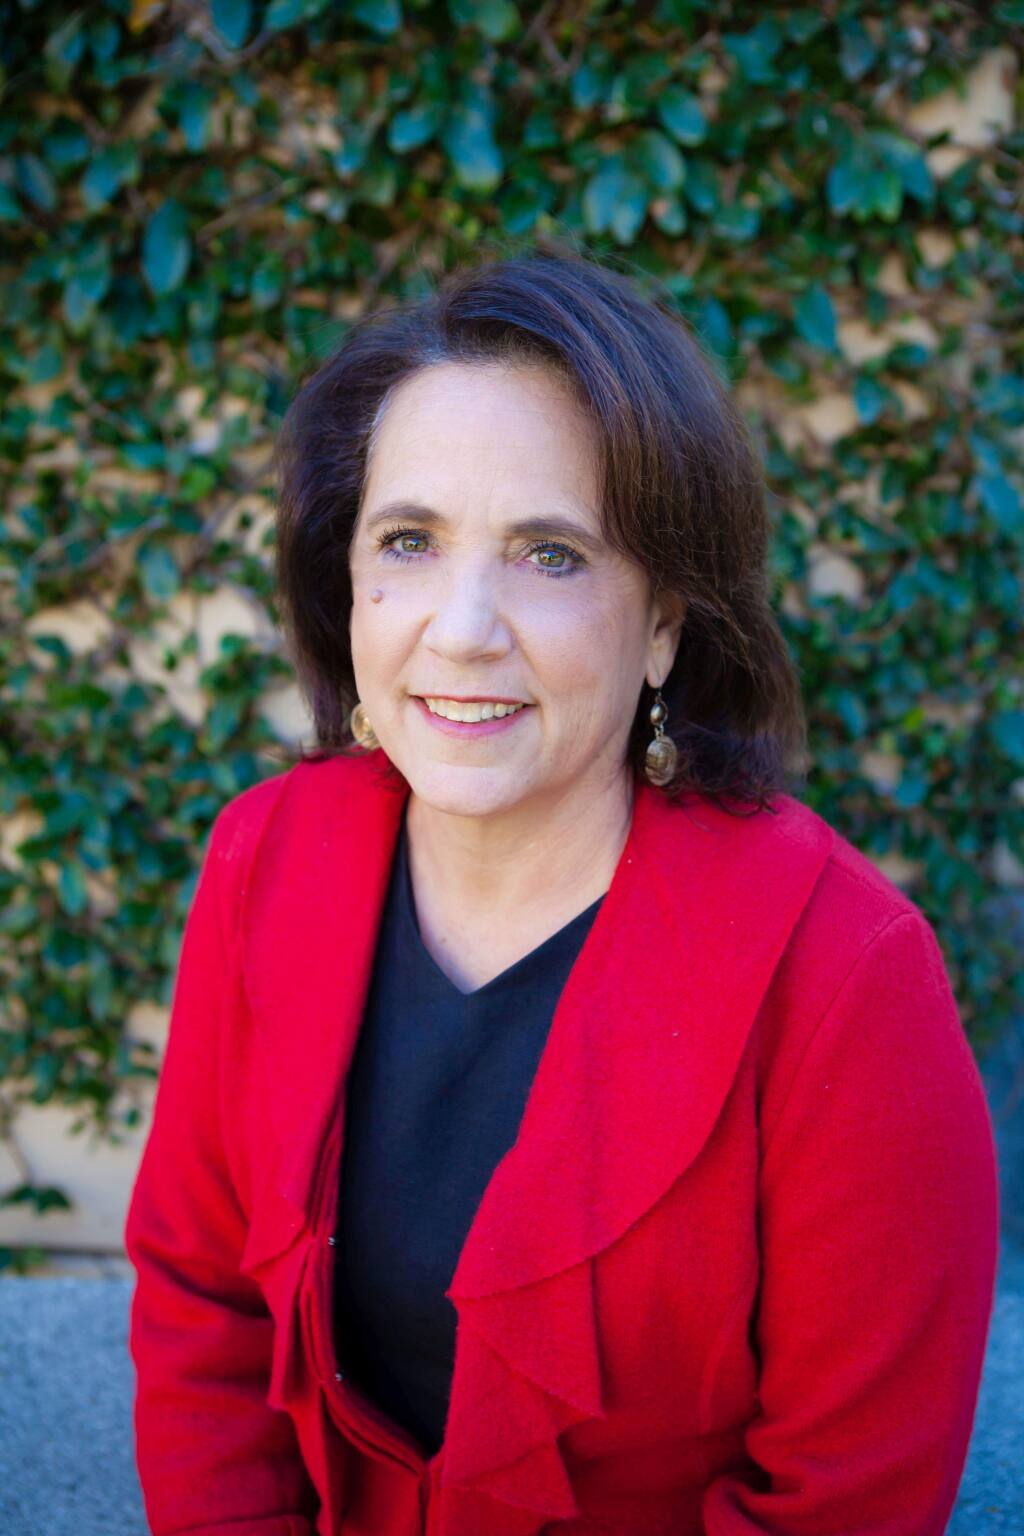 Ramona Faith, CEO, Petaluma Health Care District (MEGHAN FAITH PHOTO)